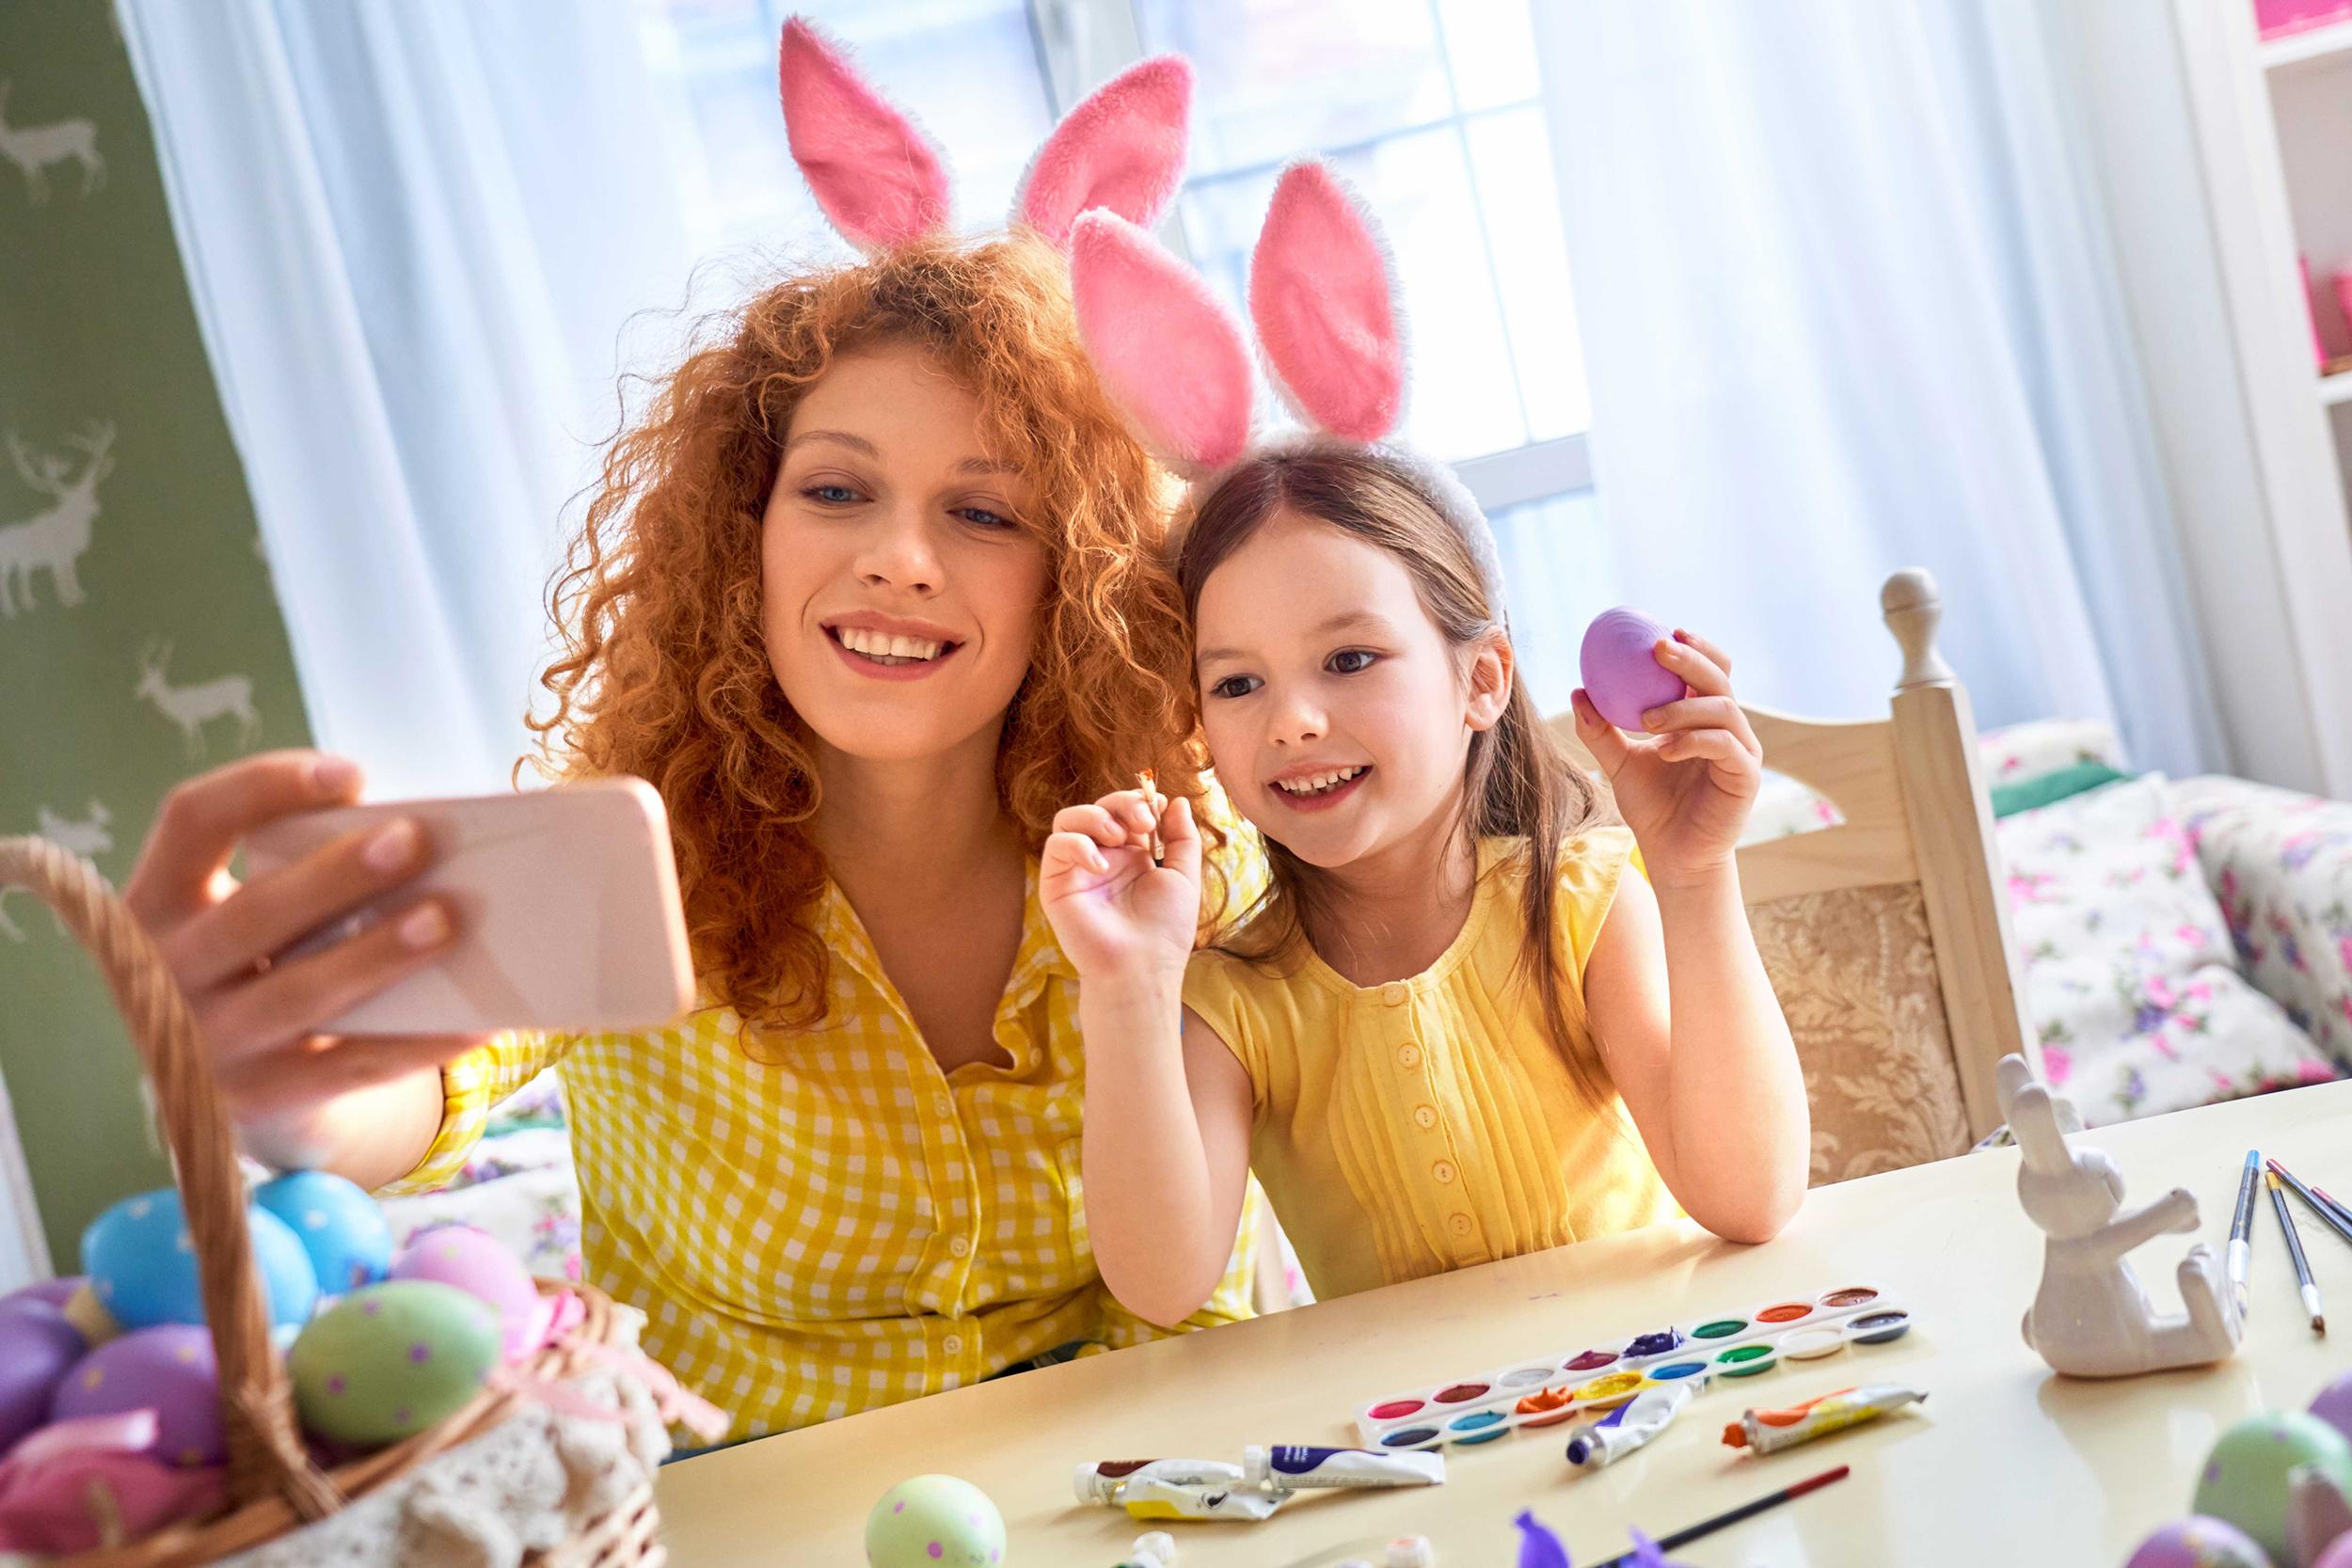 Celebrating Passover & Easter